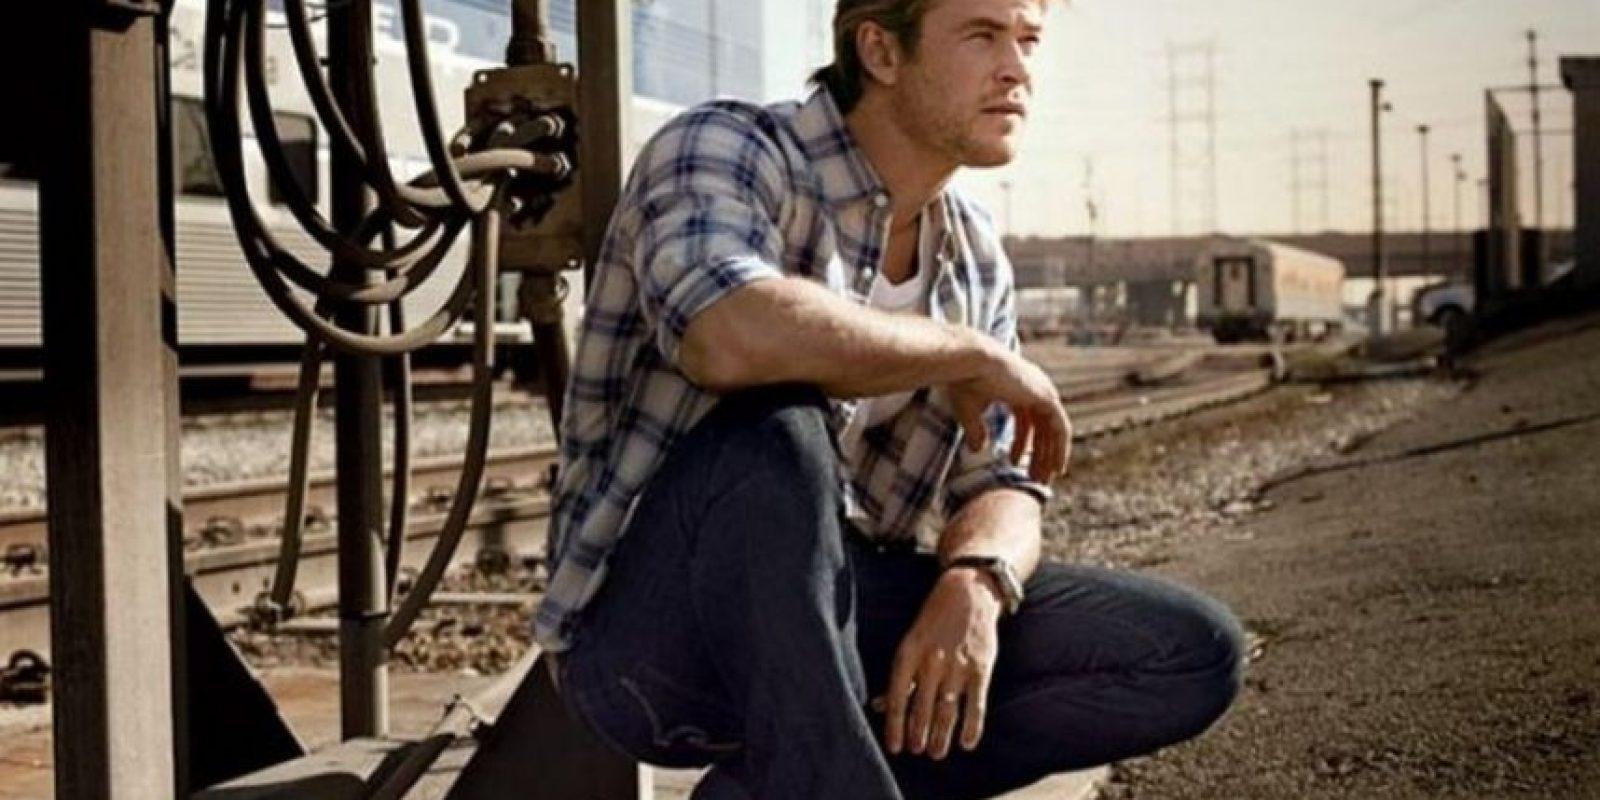 """1. Chris Hemsworth nació un jueves, el día de la semana que en el idioma anglosajón debe su nombre a """"Thor"""", el personaje al que da vida en las películas de Marvel. Foto:Facebook/ChrisHemsworth"""